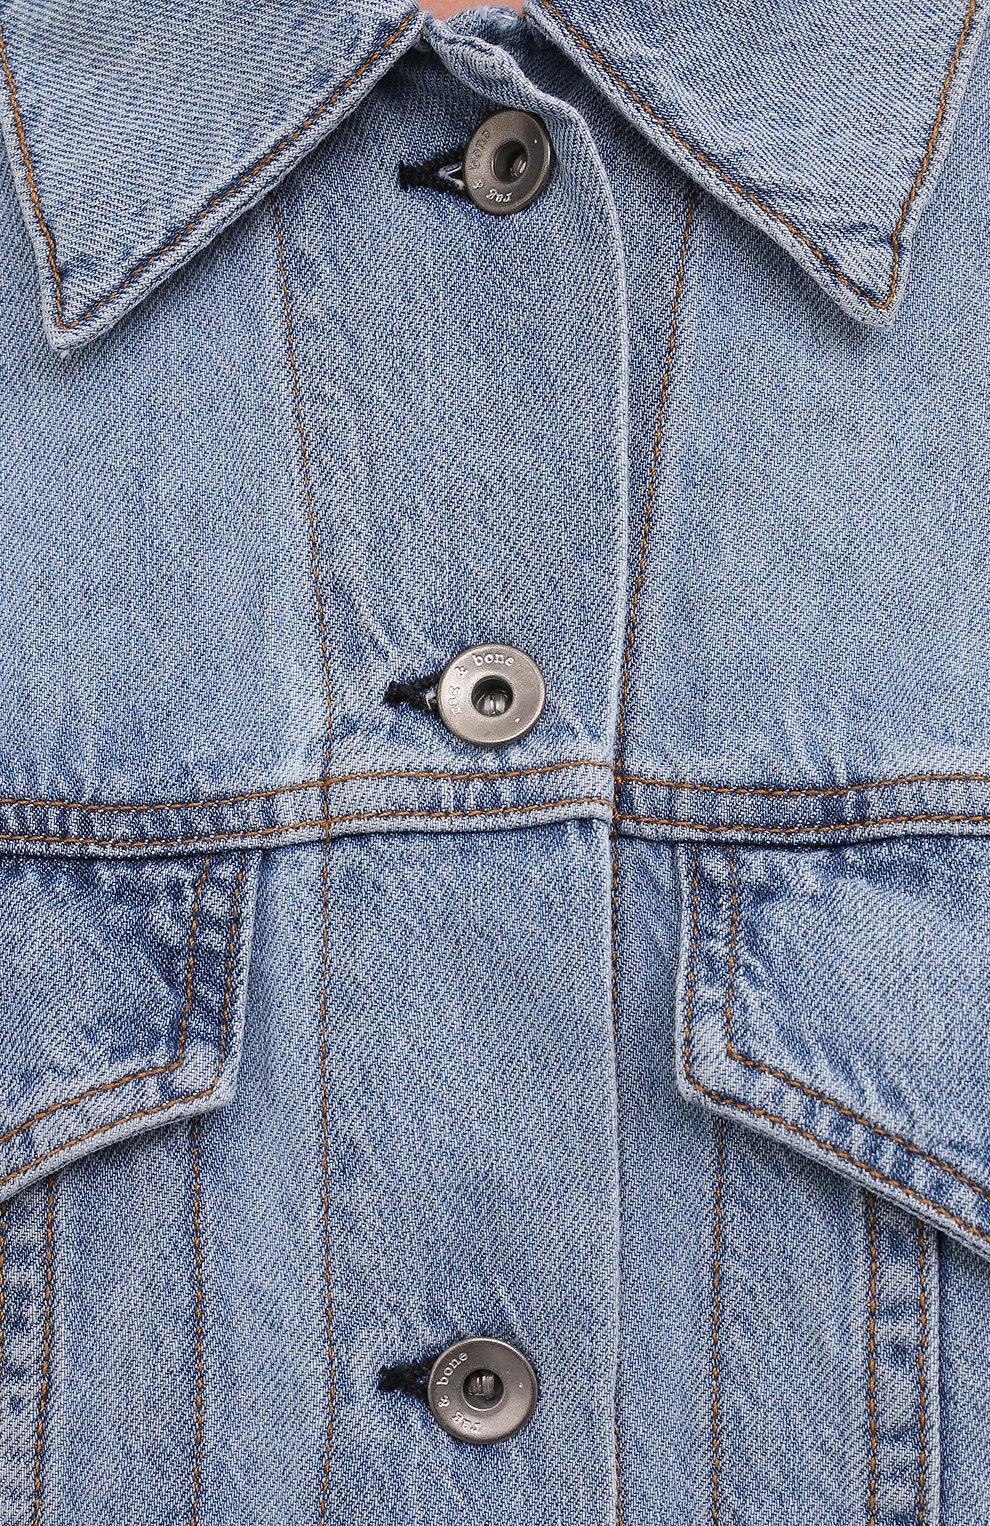 Женская джинсовая куртка RAG&BONE синего цвета, арт. WDD21P1428KSLL | Фото 5 (Кросс-КТ: Куртка, Деним; Рукава: Длинные; Стили: Гранж; Материал внешний: Хлопок, Лен; Длина (верхняя одежда): Короткие)